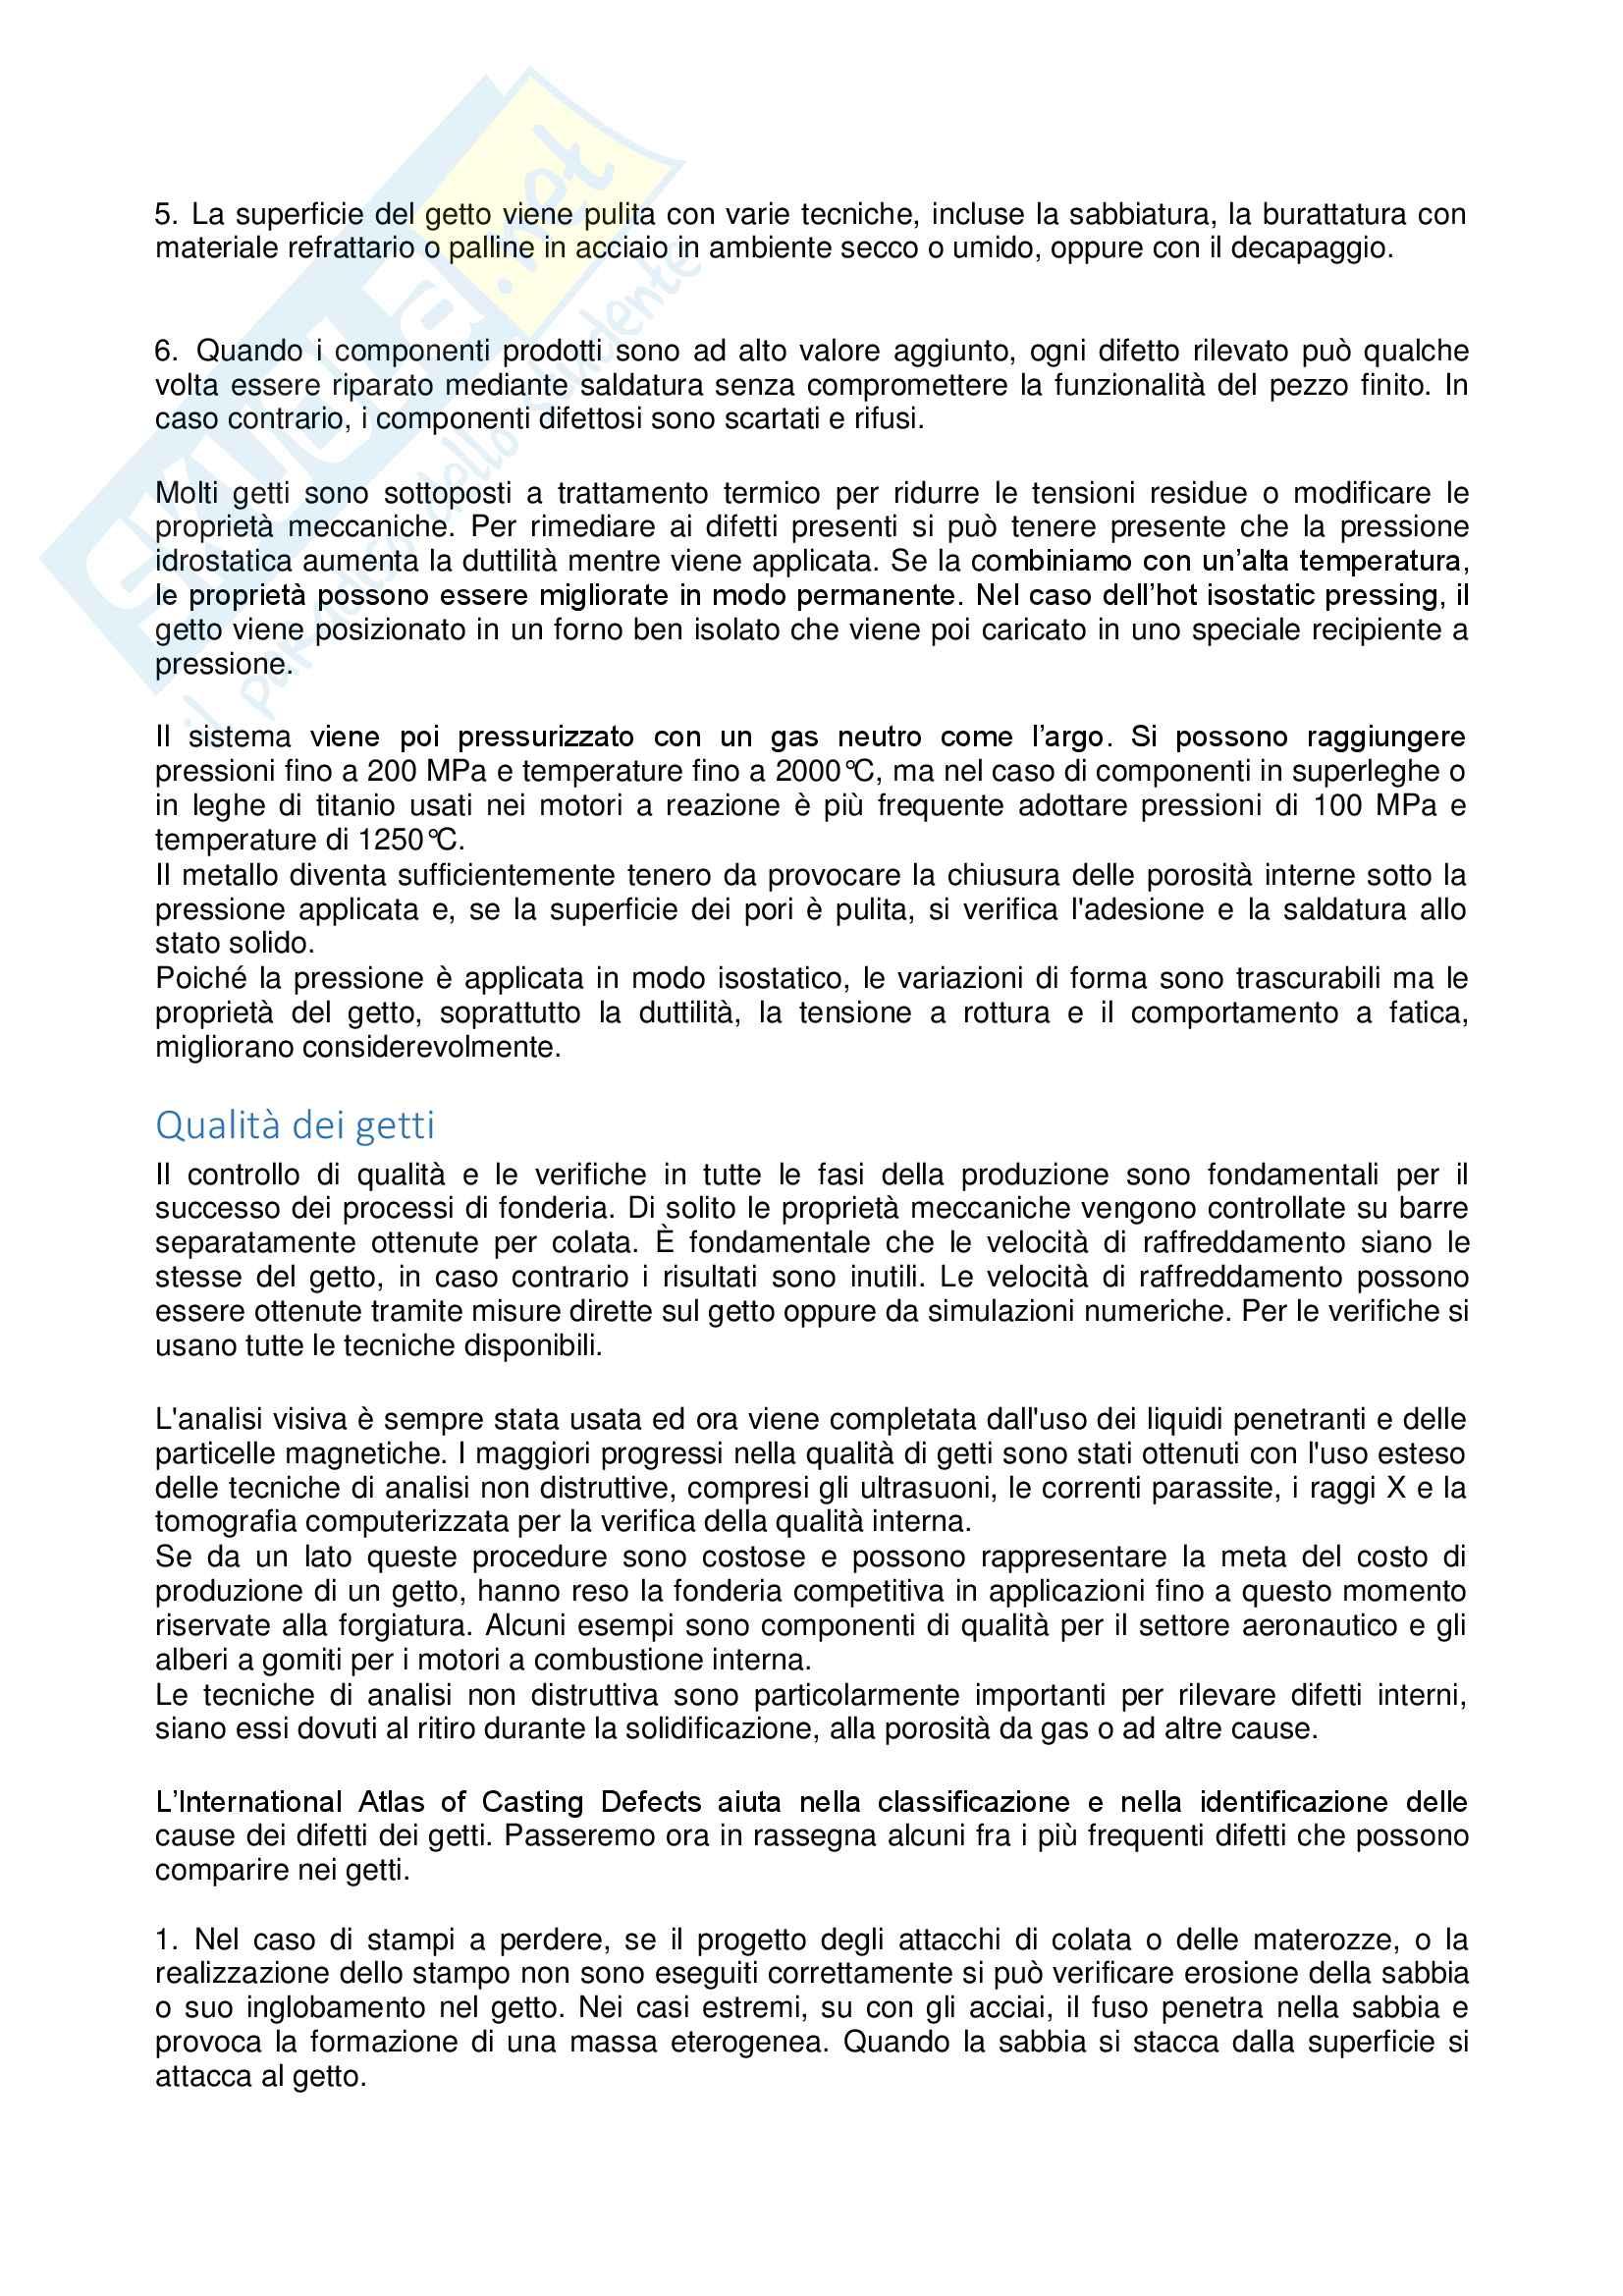 Appunti tecnologia meccanica Pag. 76